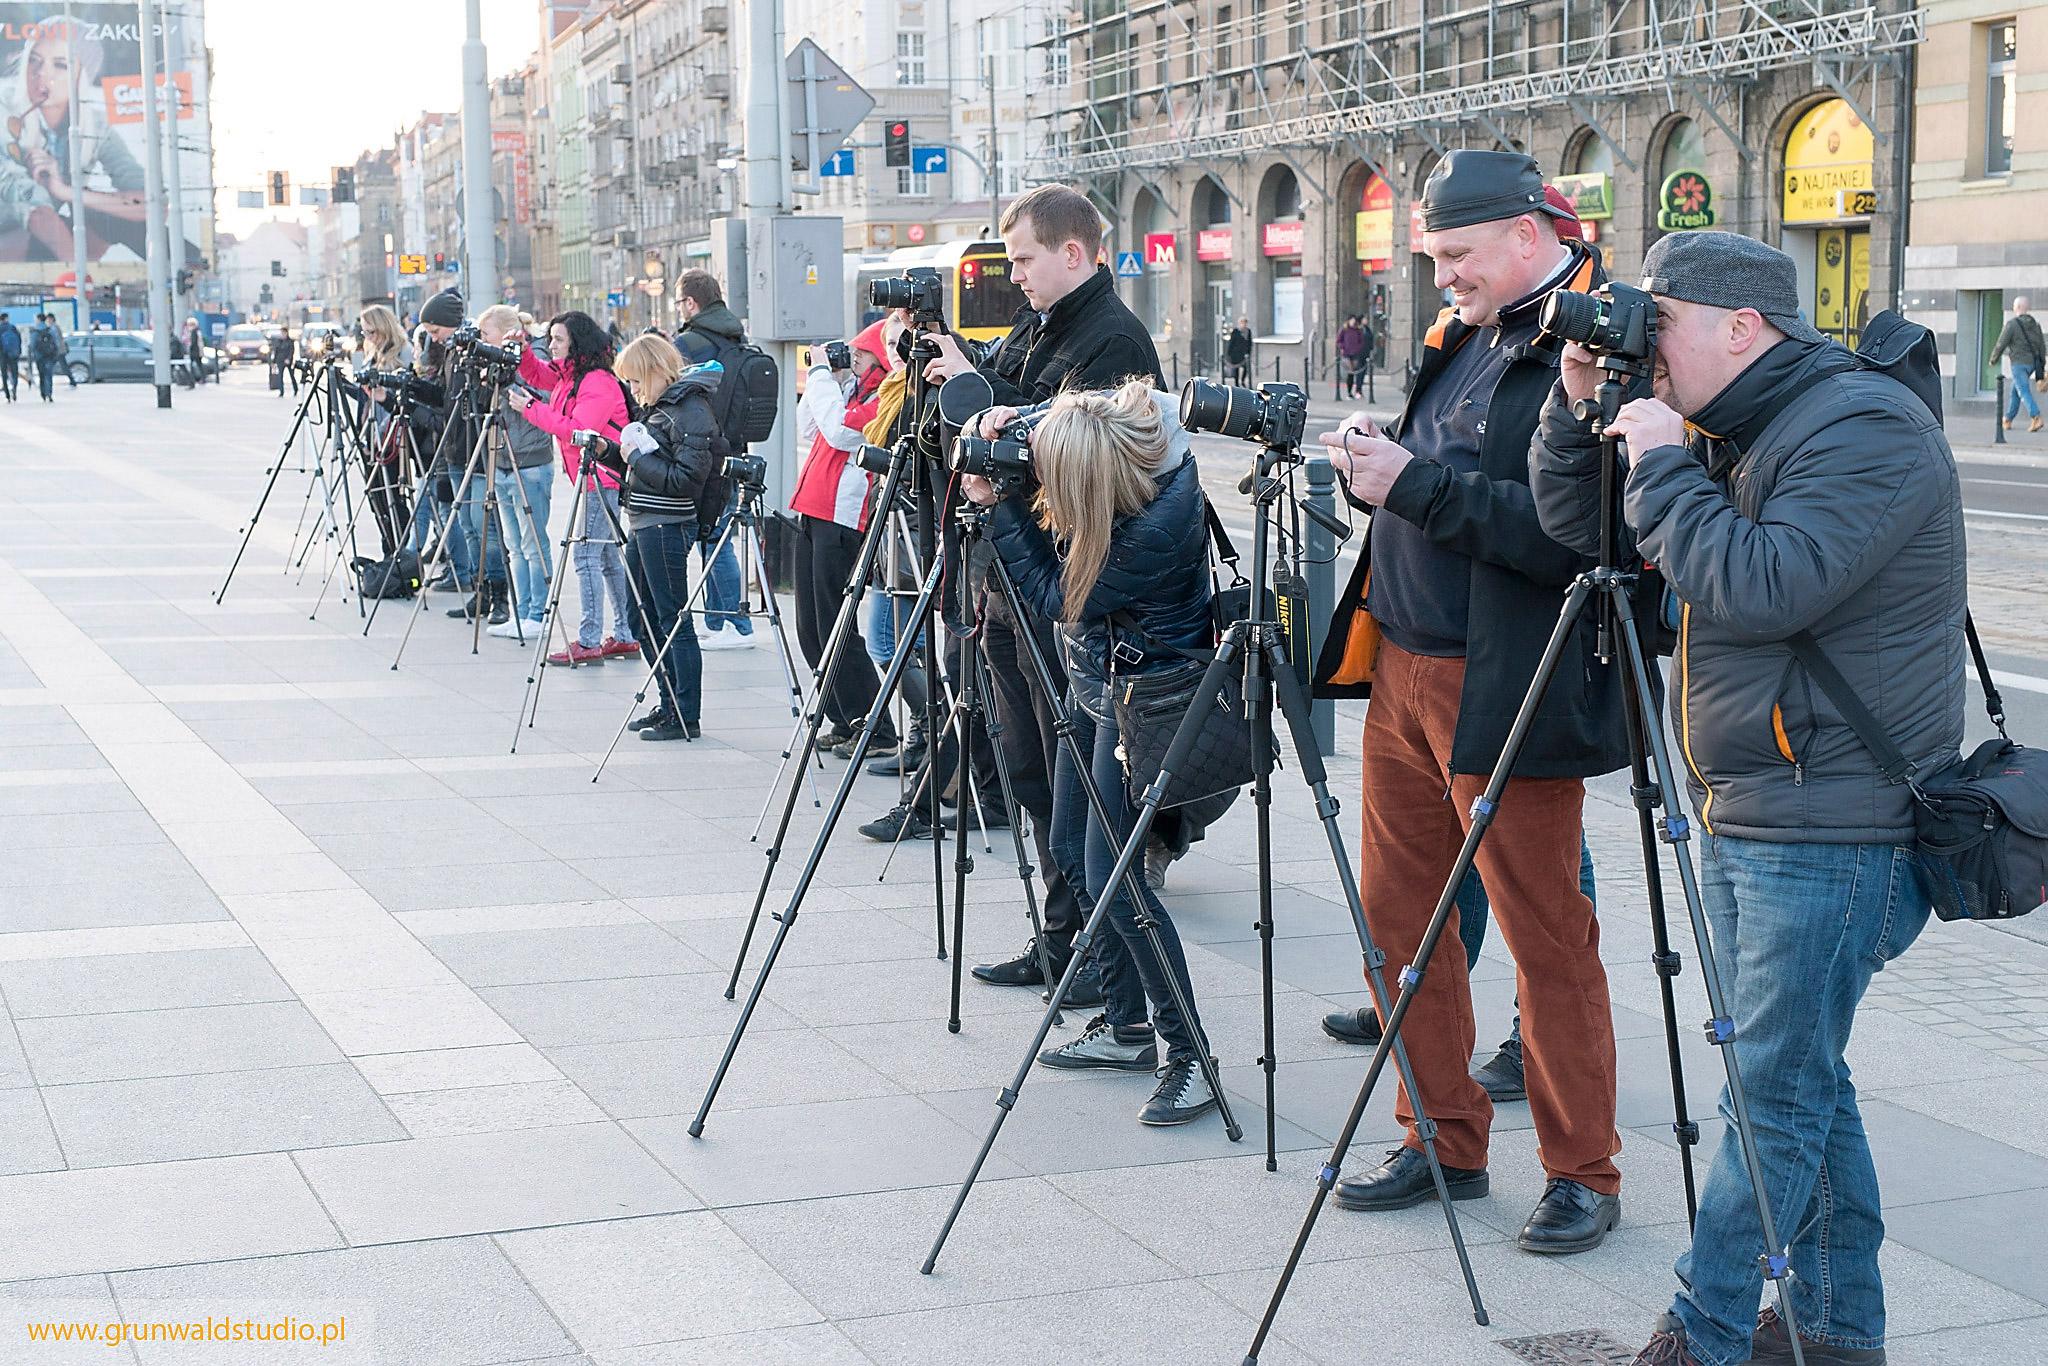 Grunwald-Studio-Kurs-Fotografii-Wrocław-Fotograf-Wrocław-Kursy-fotograficzne-Wrocław-22